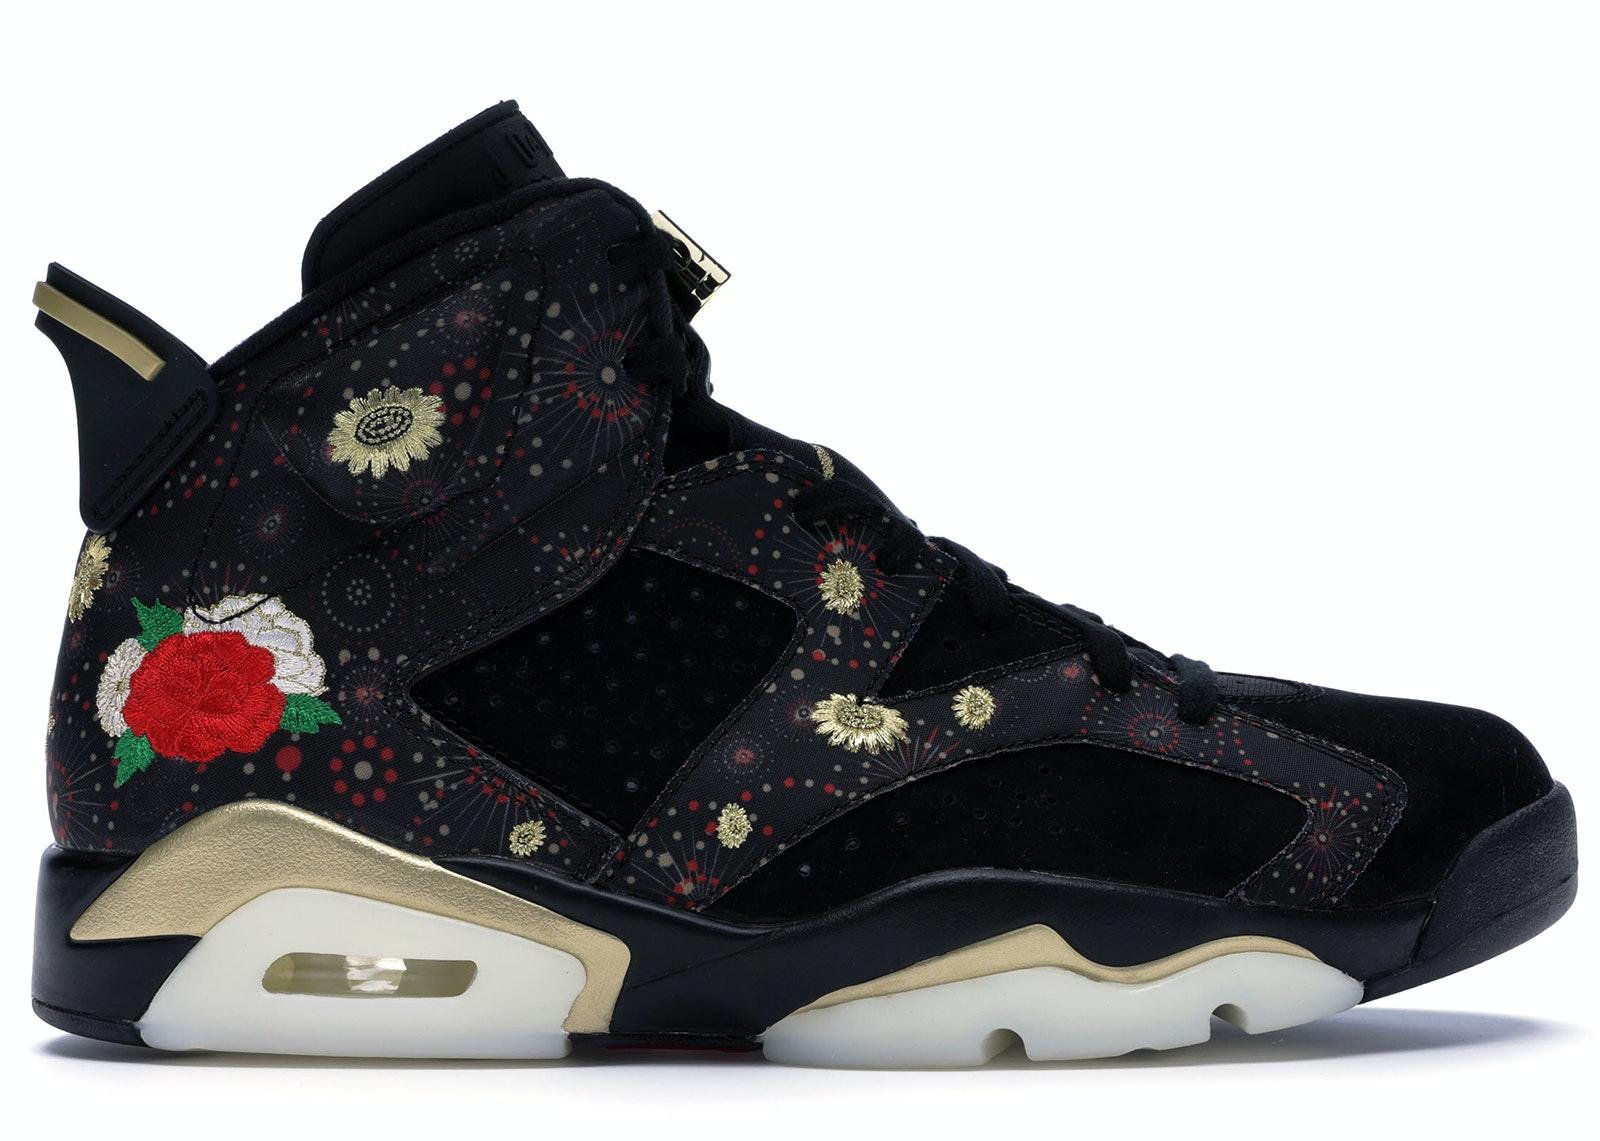 Jordan 6 Retro Chinese New Year (2018)